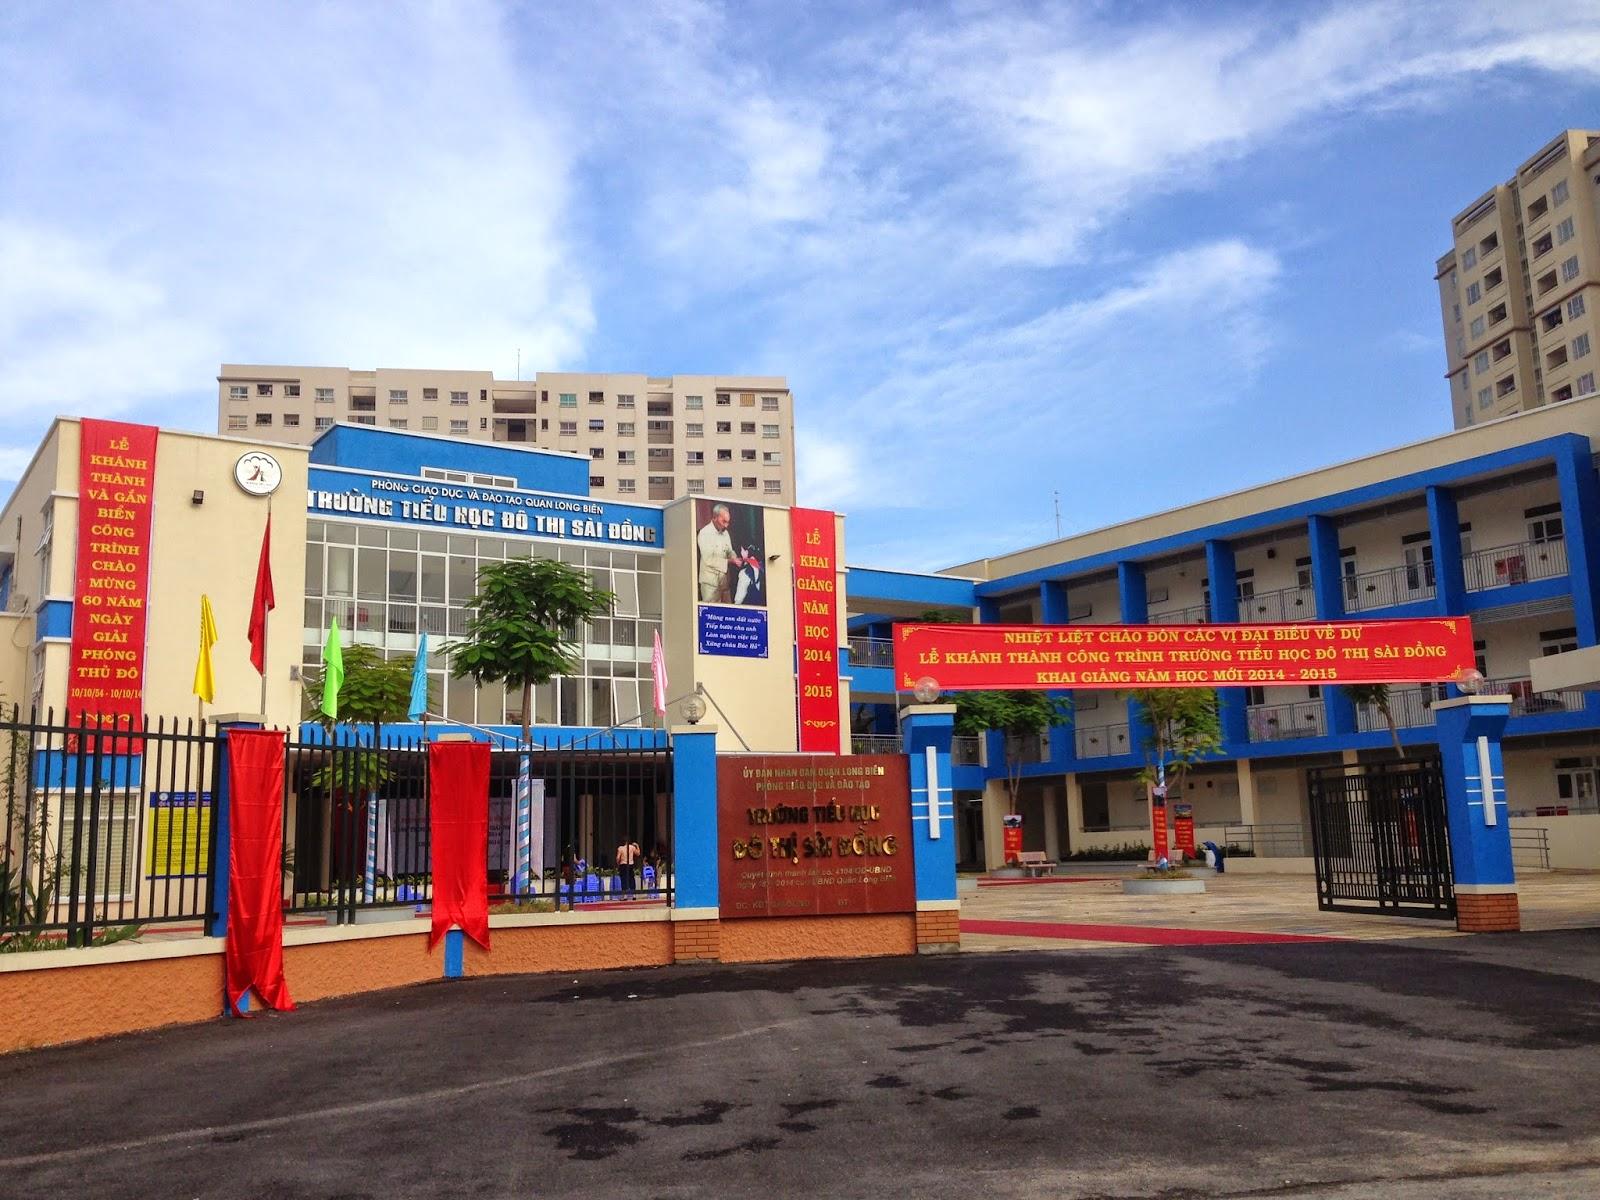 Cơ sở vật chất Tiểu học đô thị Sài Đồng (Ảnh: website UBND Sài Đồng, quận Long Biên)